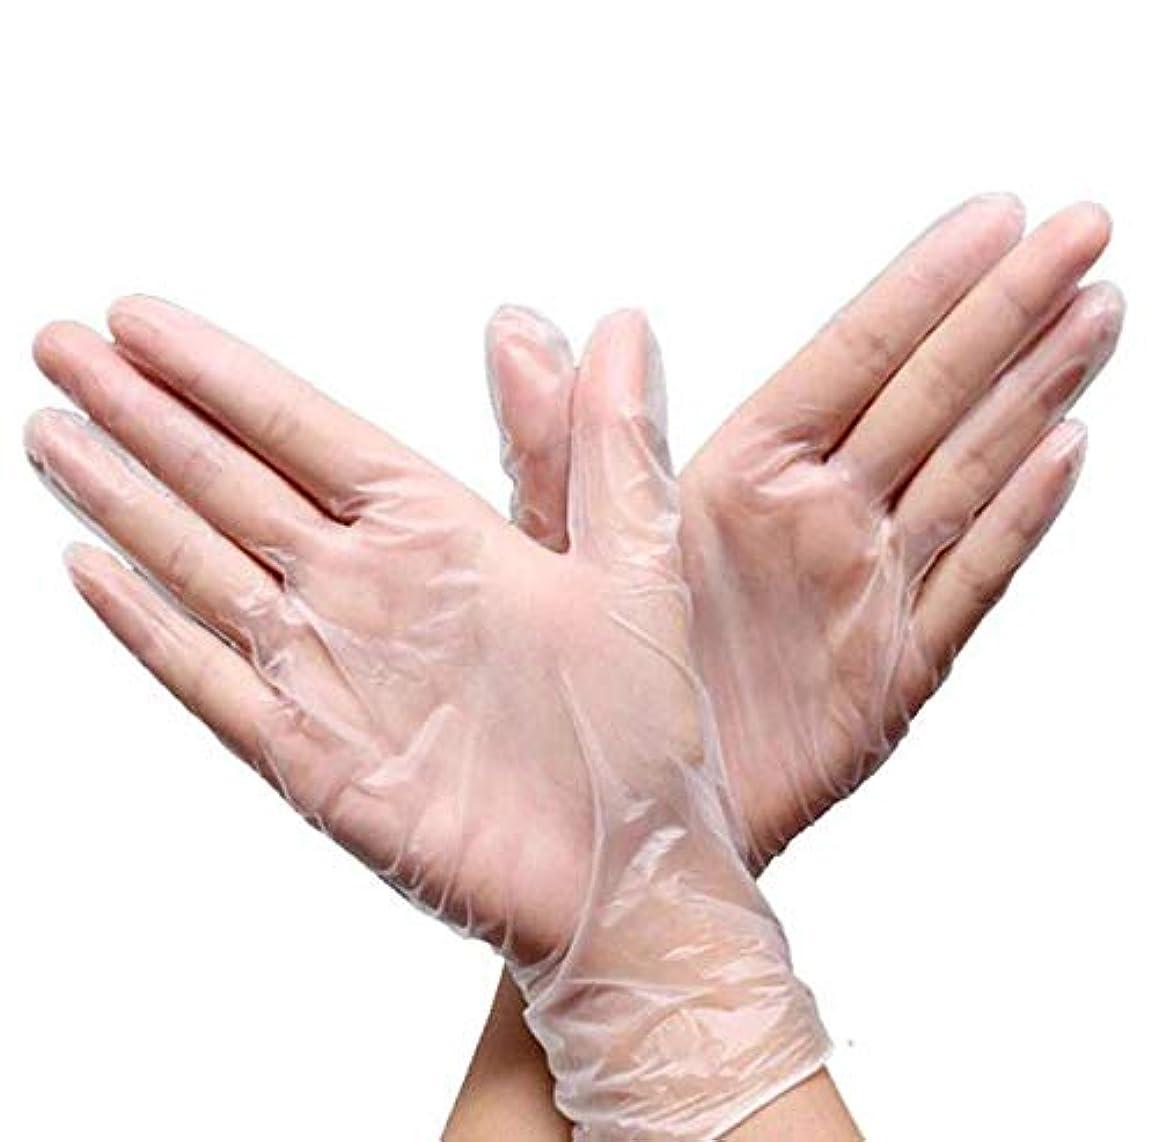 深さ悪因子ロマンスSTK ニトリルゴム手袋 使い捨て手袋 透明 耐油 防水 左右兼用 粉なし 手荒れを防ぎ 素手 薄い 介護 トイレ掃除 園芸 美容 食器洗い (50ペアセット)